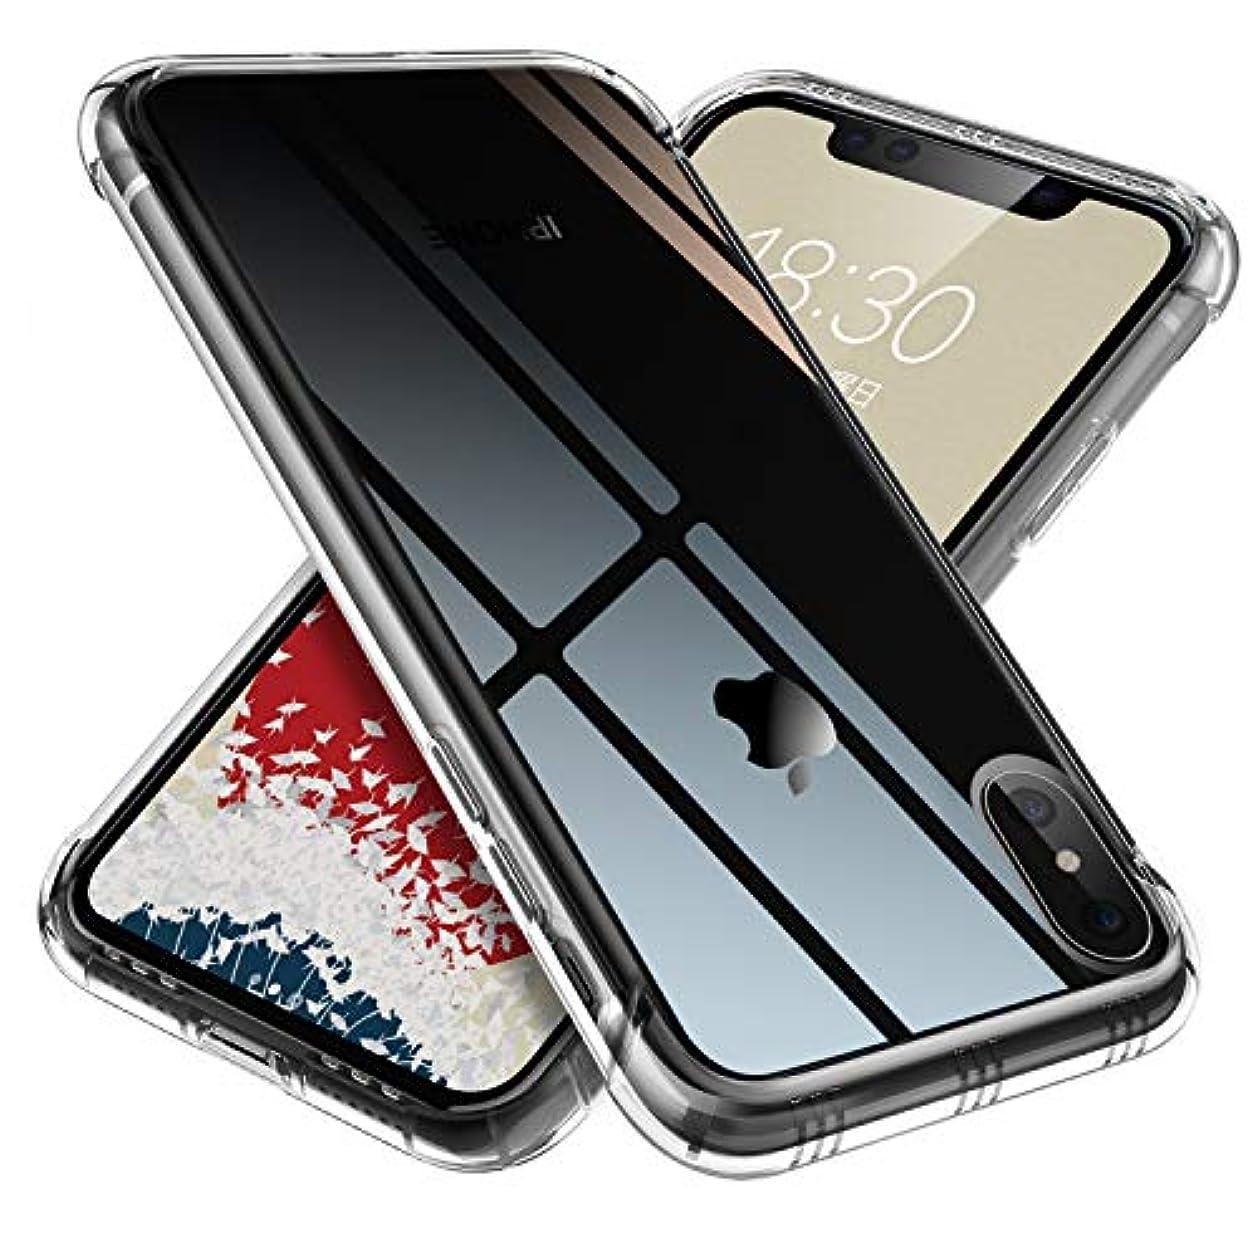 復活する地上でコイル【ONES】 iPhoneXsMax ケース 高透明 米軍MIL規格〔衝撃吸収、レンズ保護、滑り止め、軽い、フィット感〕『エアクッション技術、半密閉音室、Qi充電』 クリア カバー Airシリーズ